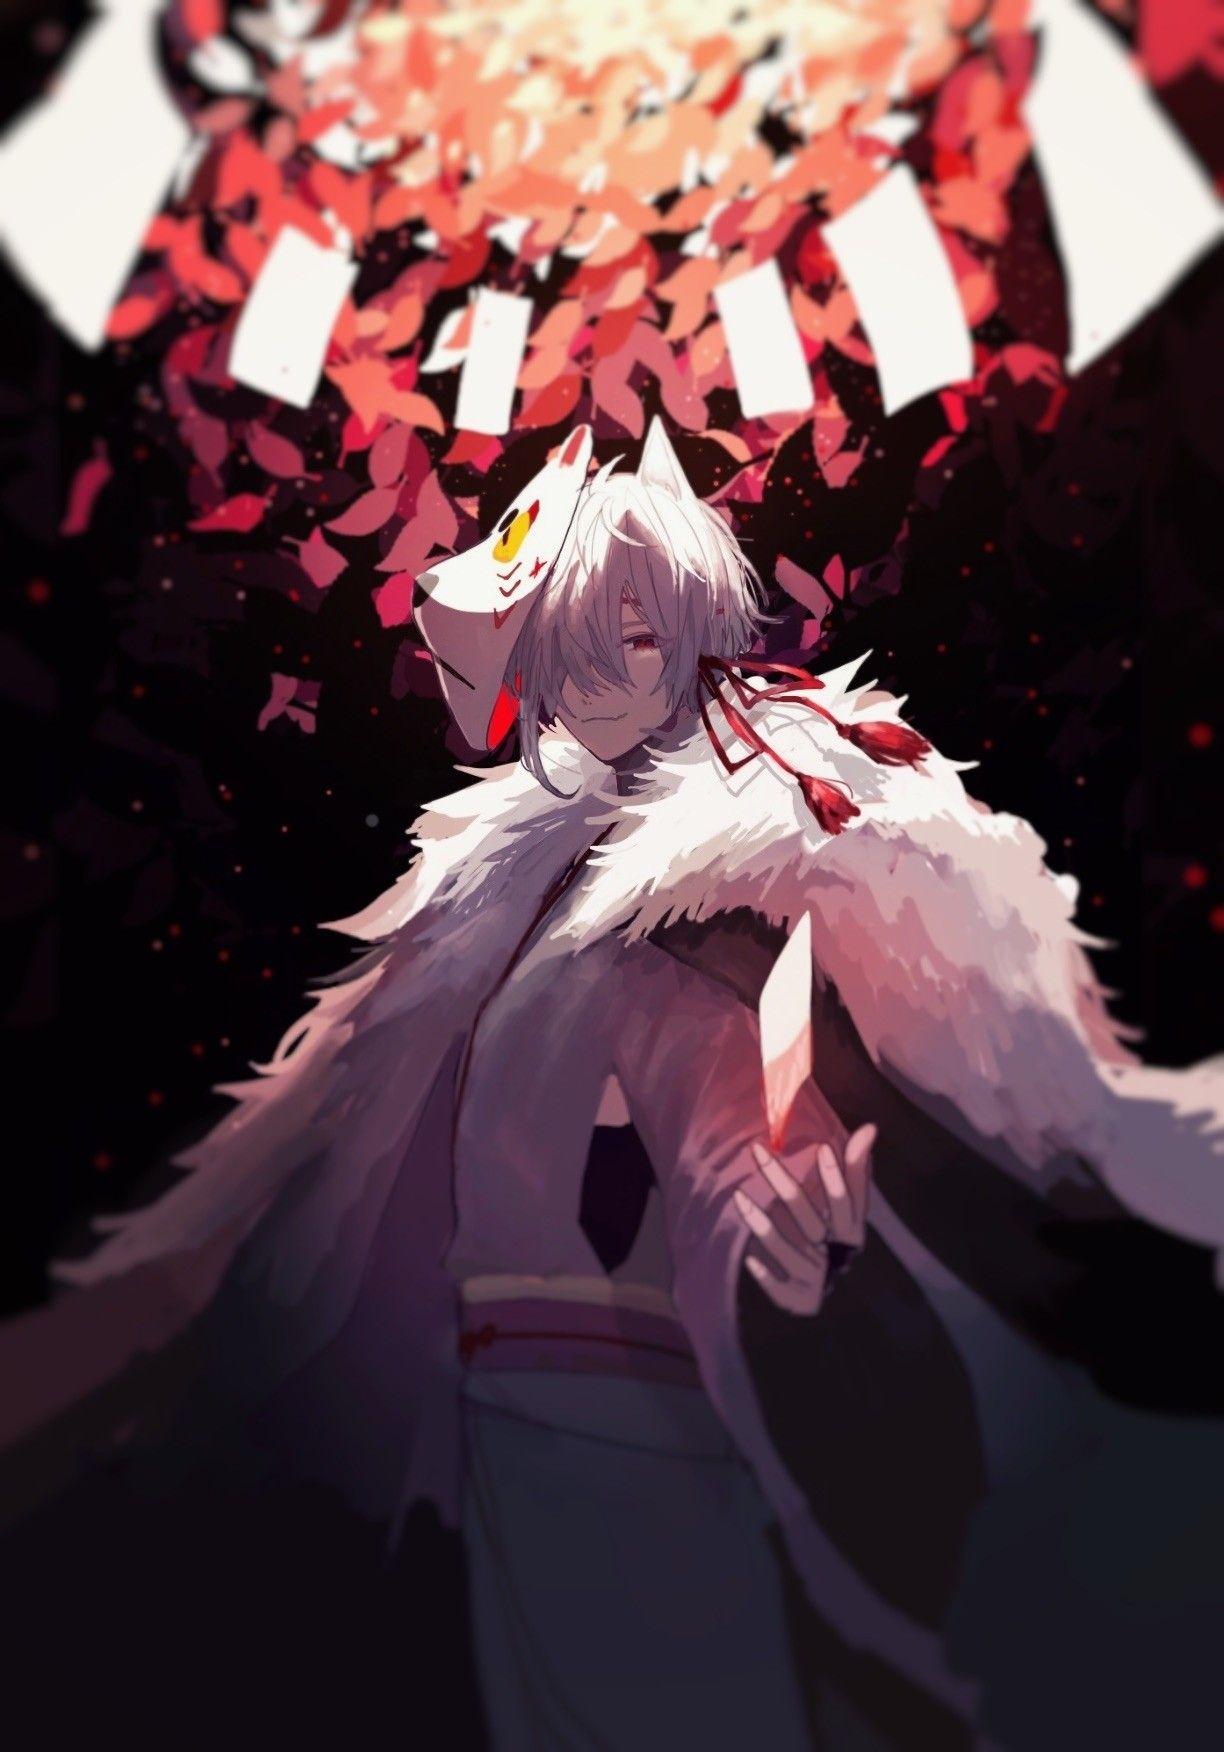 animeboy Anime fox boy, Anime demon boy, Anime